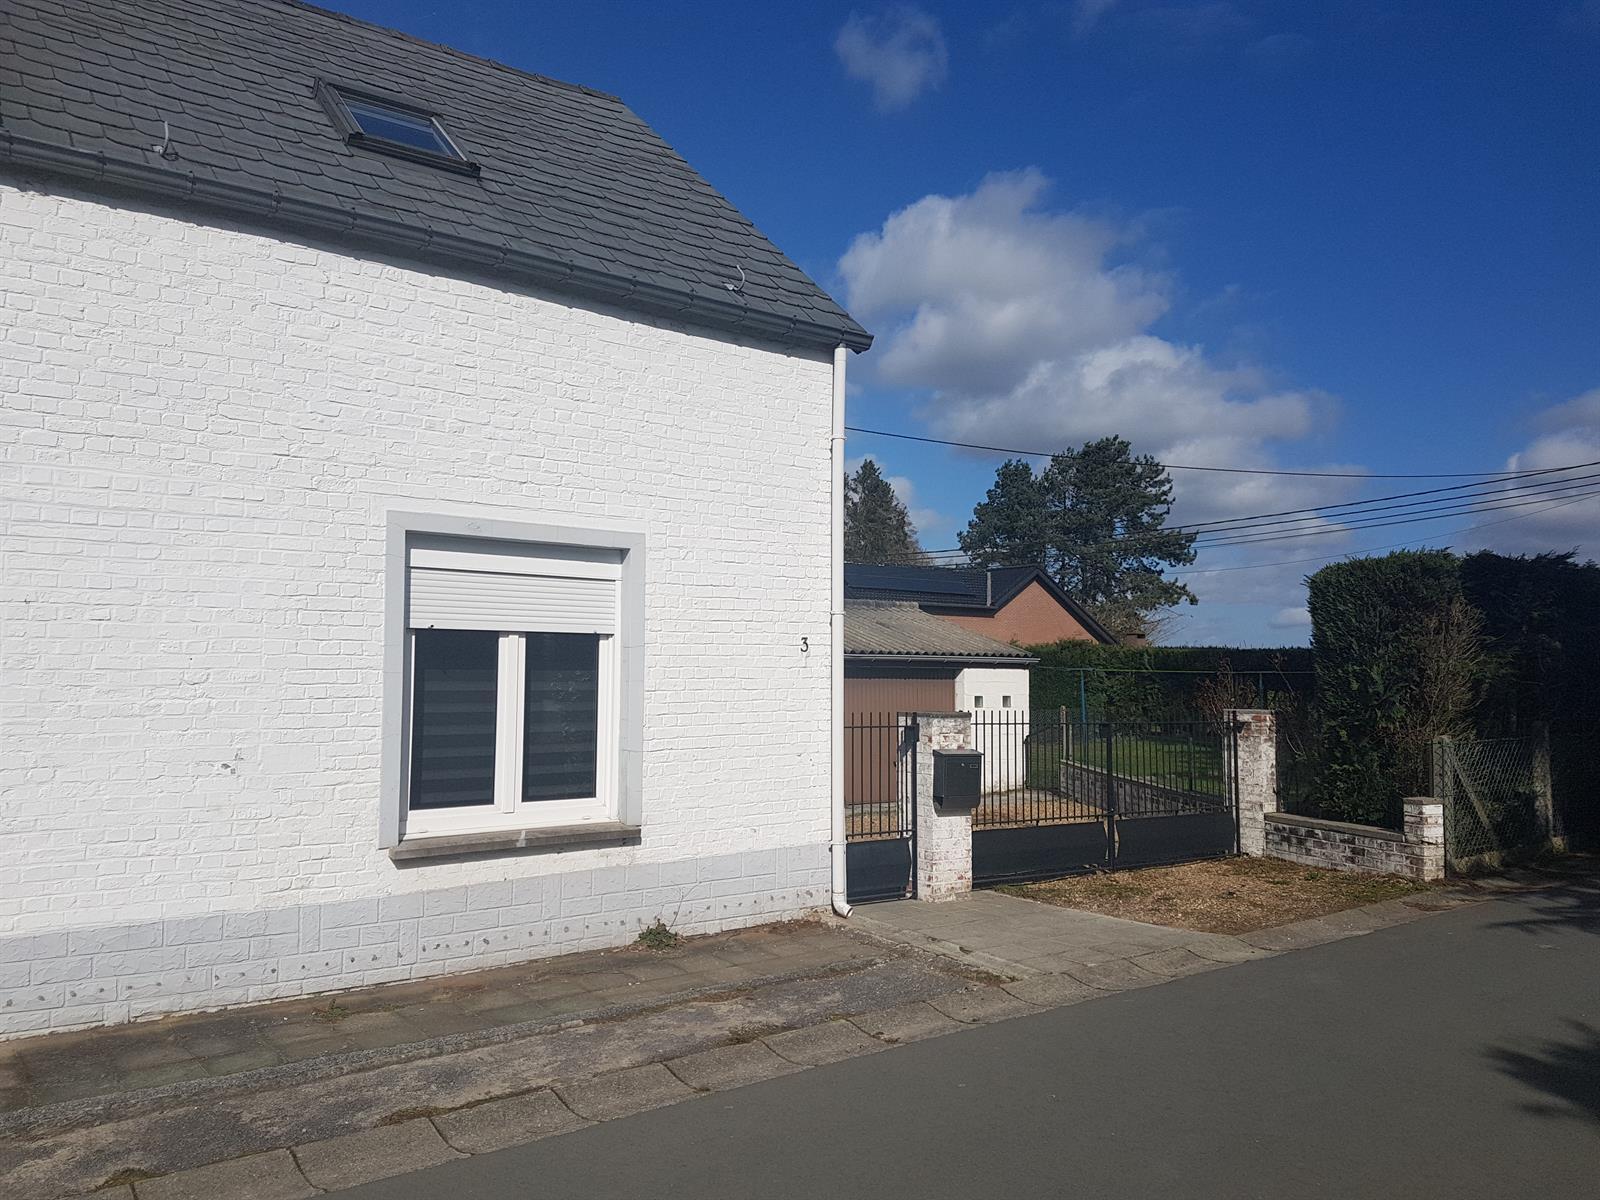 Maison - Court-saint-Étienne - #3992017-21